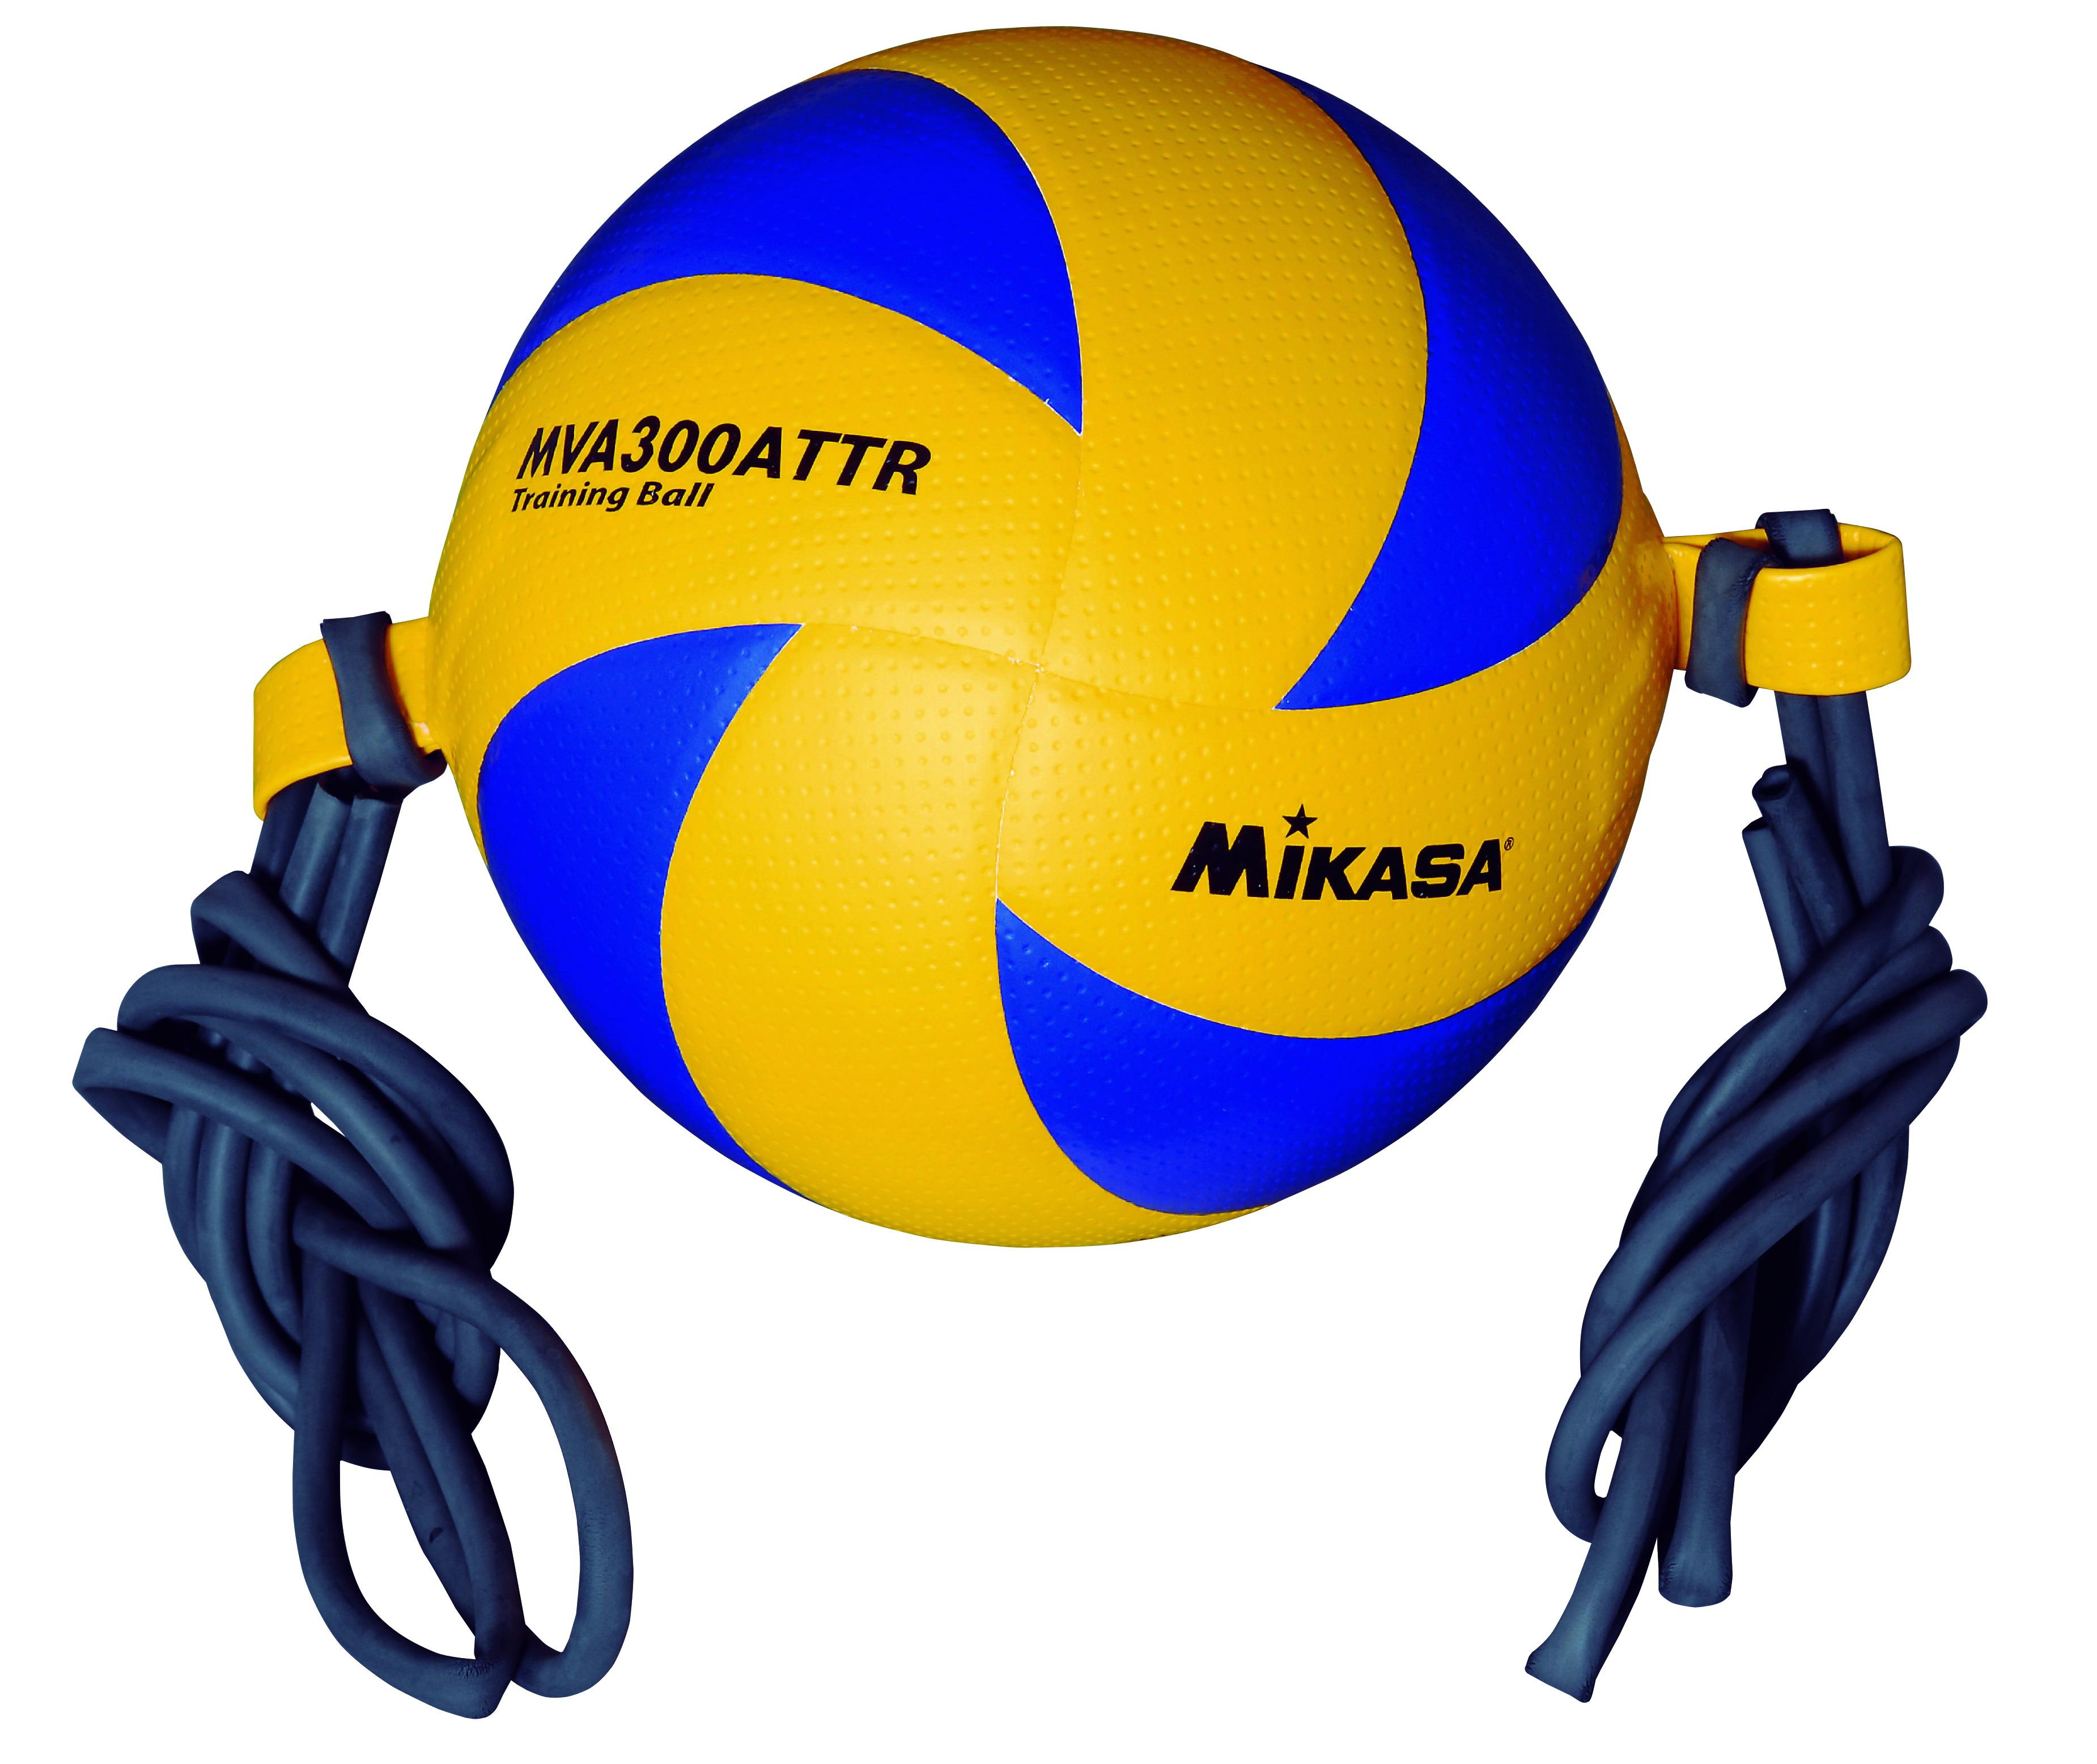 วอลเลย์บอลฝึกตบ MIKASA MVA330ATTR